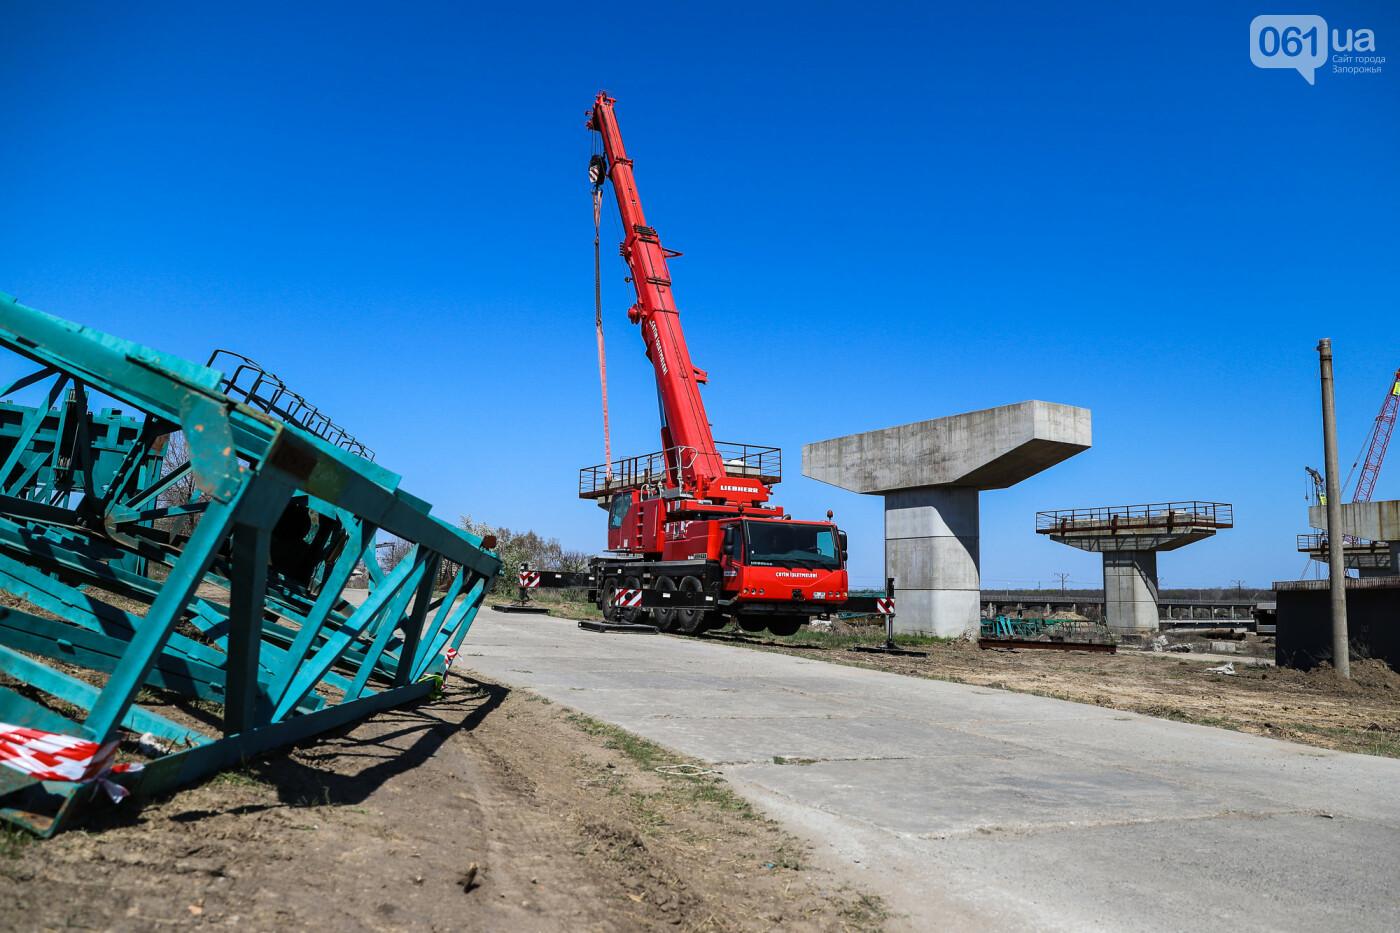 На запорожские мосты выделено 2,7 миллиарда: что сейчас проиходит стройплощадке, - ФОТОРЕПОРТАЖ, фото-23